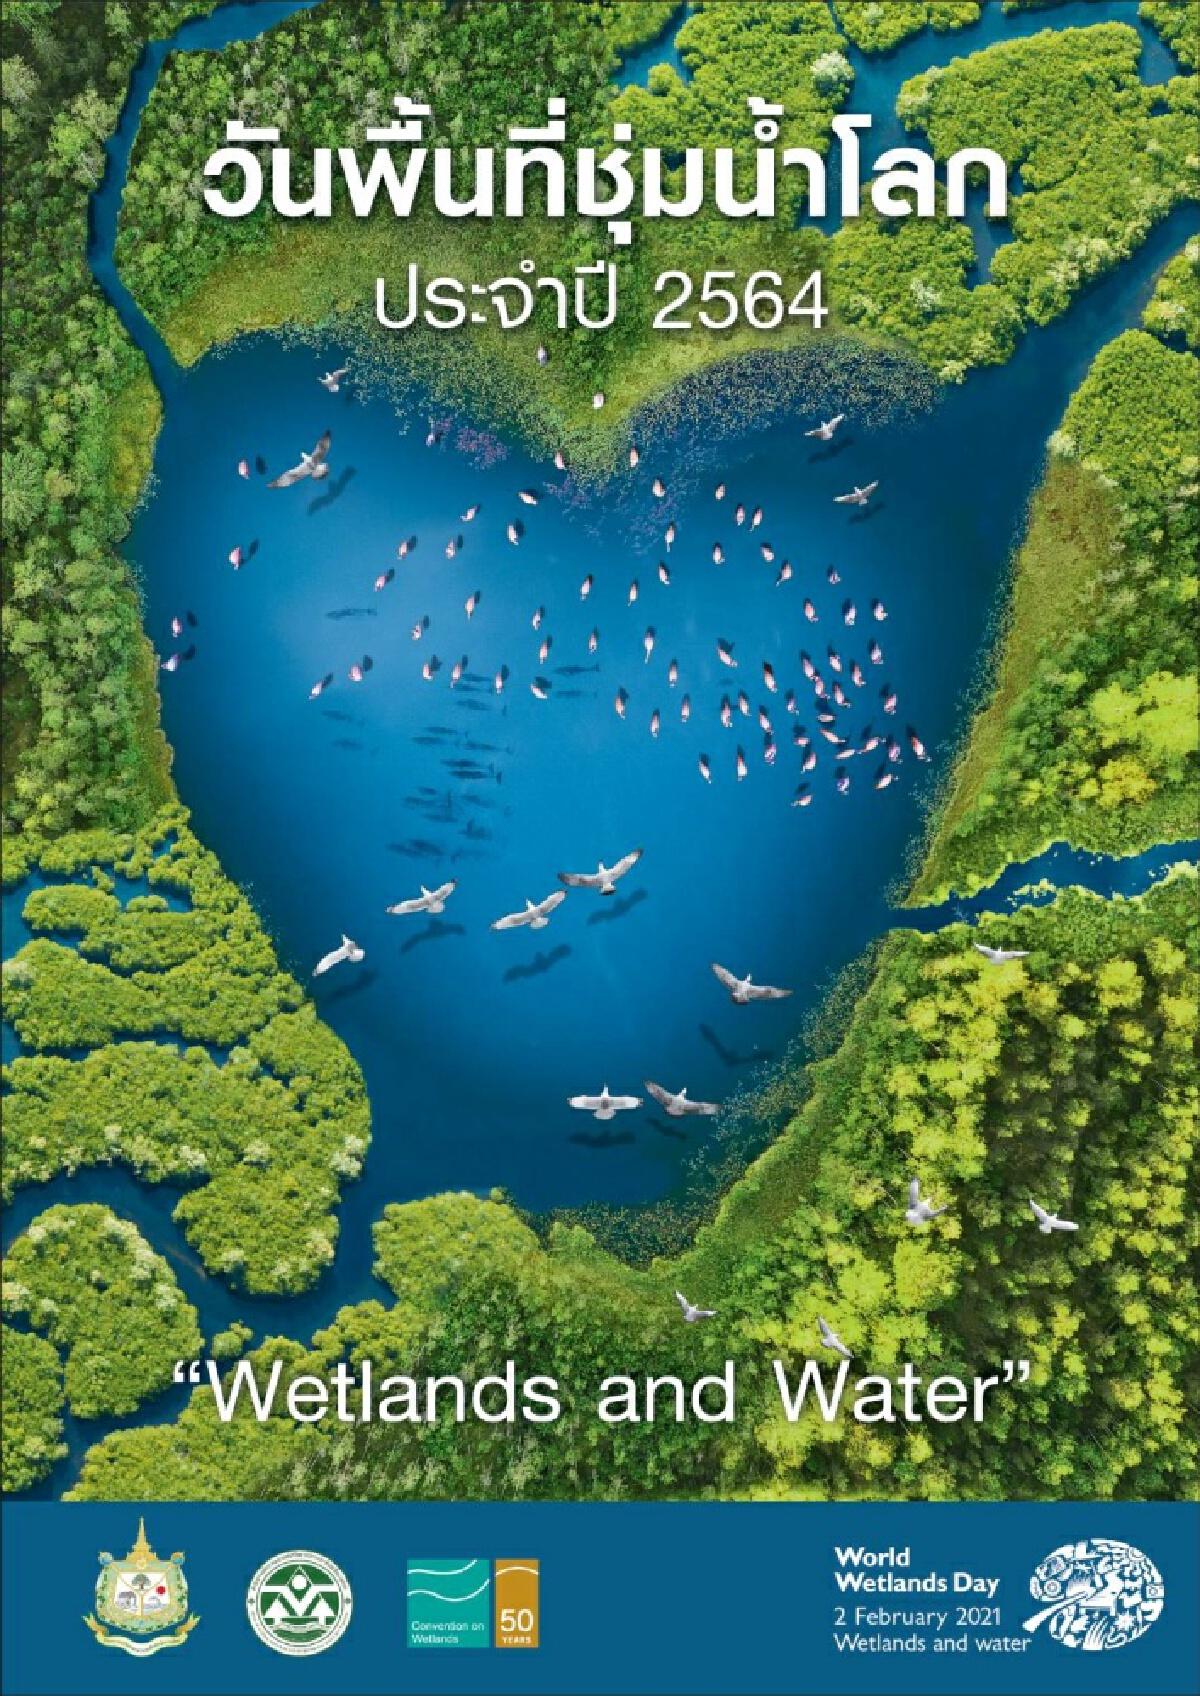 วันพื้นที่ชุ่มน้ำโลก ประจำปี พ.ศ.2564